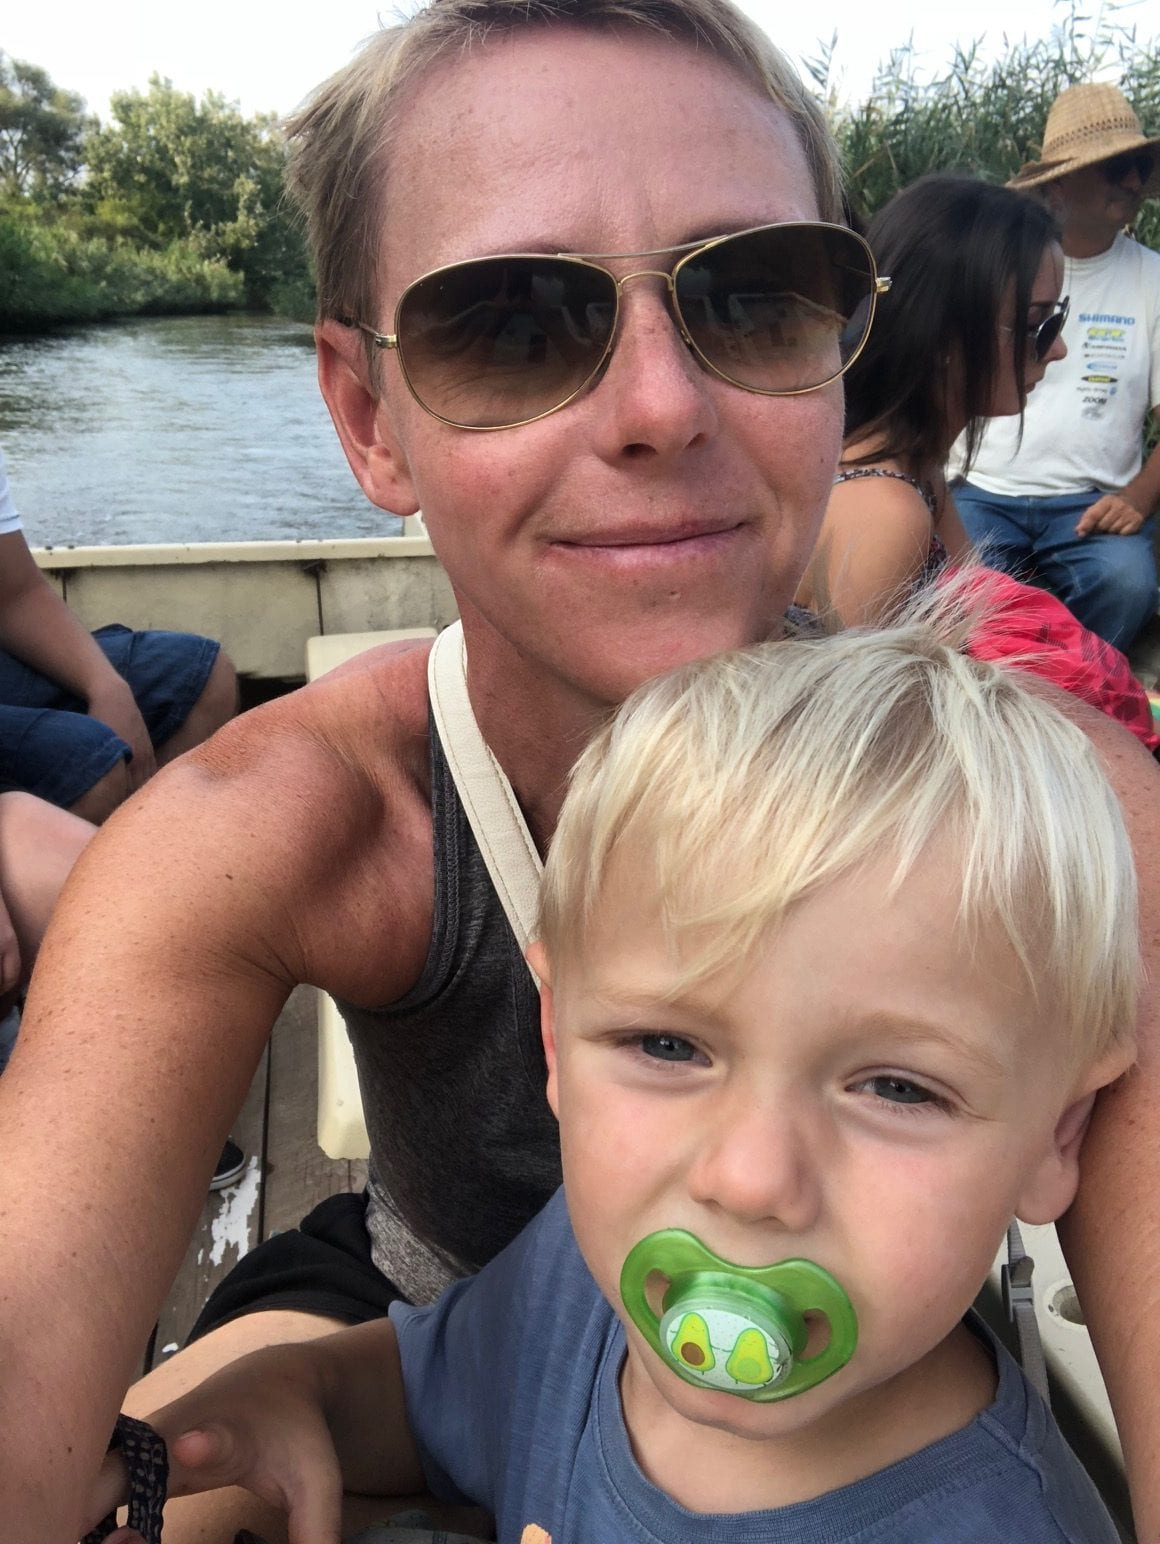 Fernreisen mit Kleinkind oder Baby – Tipps und Infos vom Profi